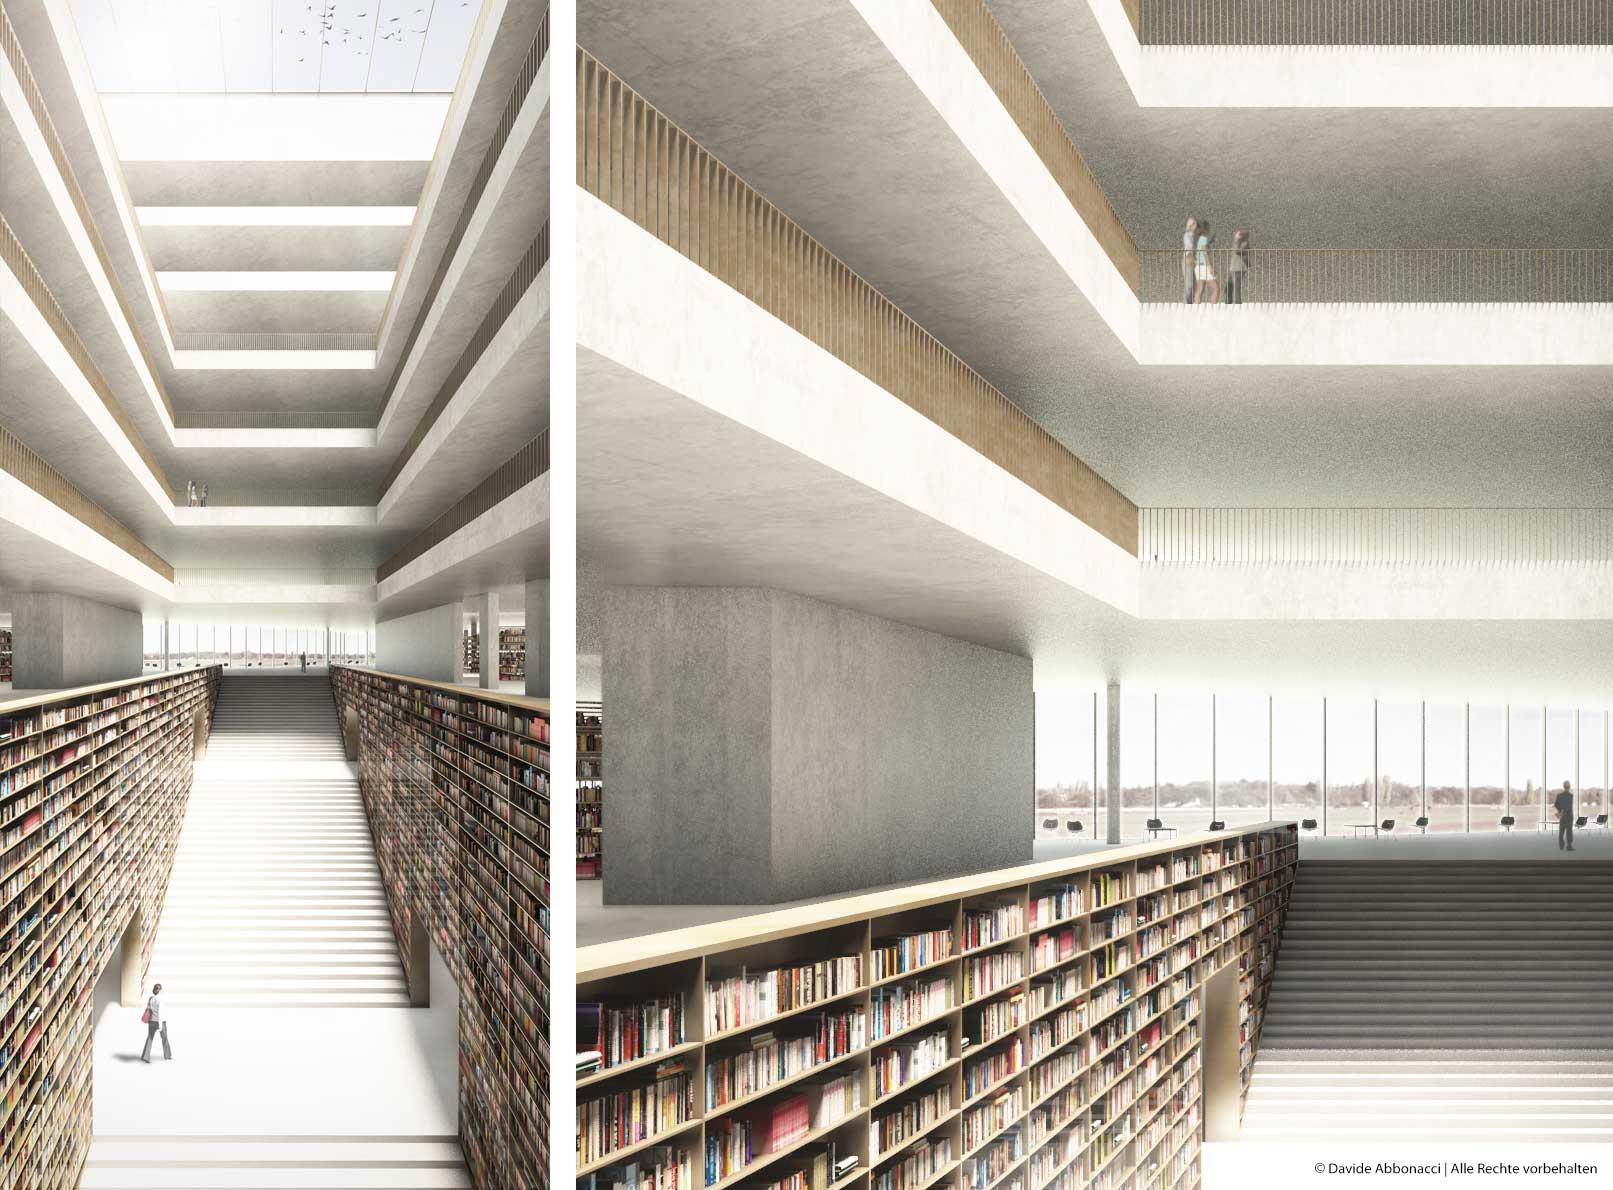 Neubau Zentral- und Landesbibliothek, Berlin Tempelhof-Schöneberg | Max Dudler Architekt | 2013 Wettbewerbsvisualisierung | 3. Preis